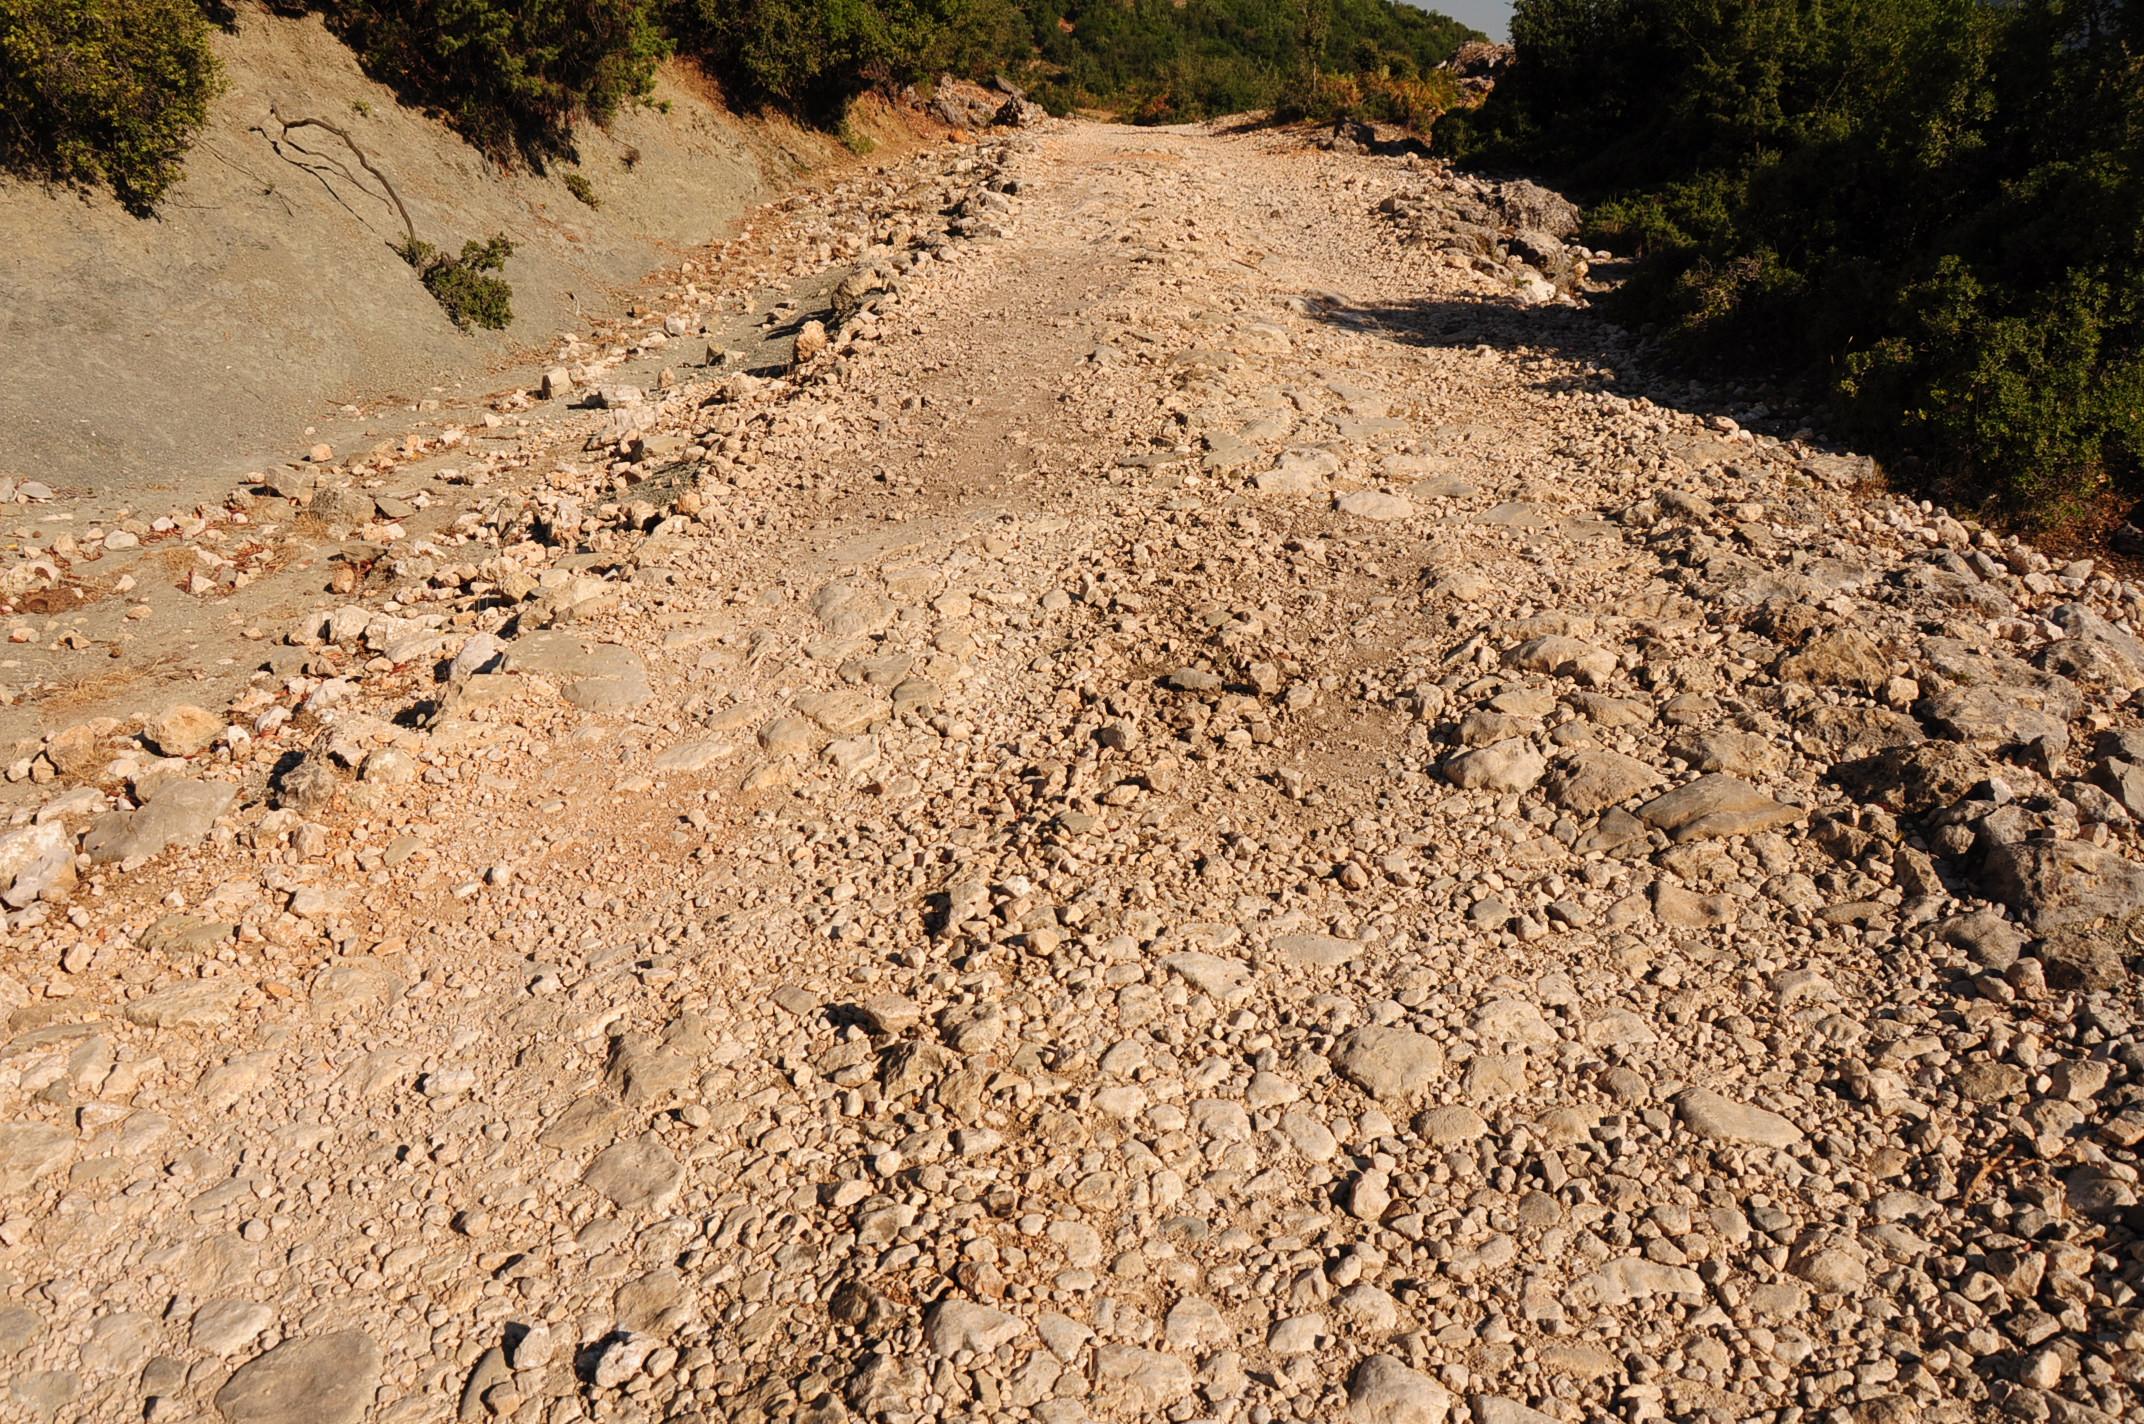 Rruga keq - rossz út Kuç után